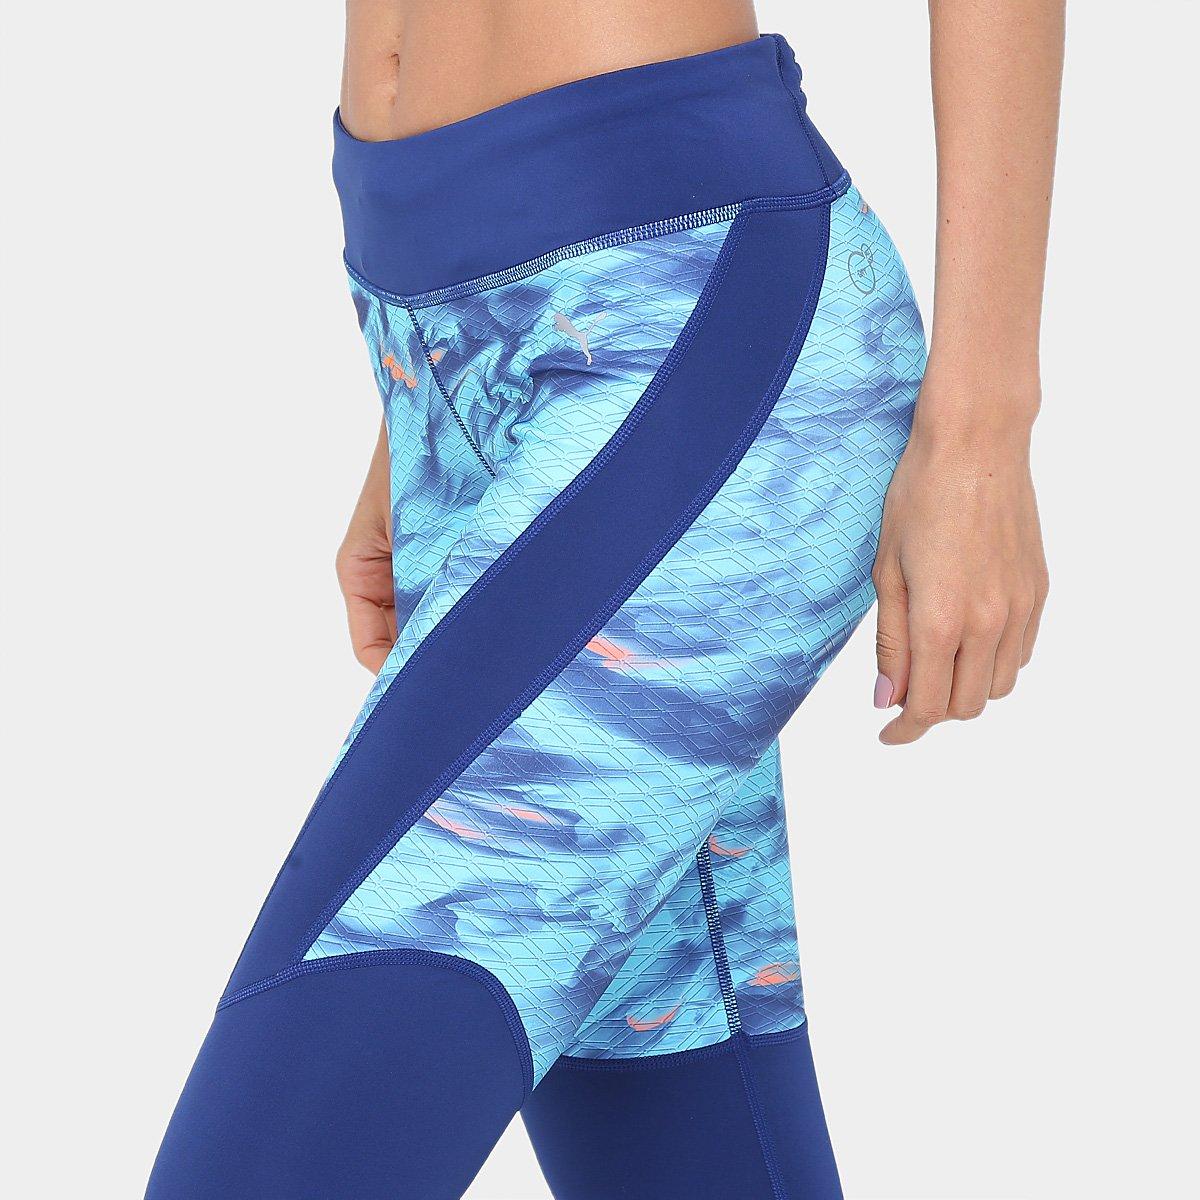 Azul Feminina Calça Calça e Graphic Puma Legging claro Legging Azul vrqYwqX4